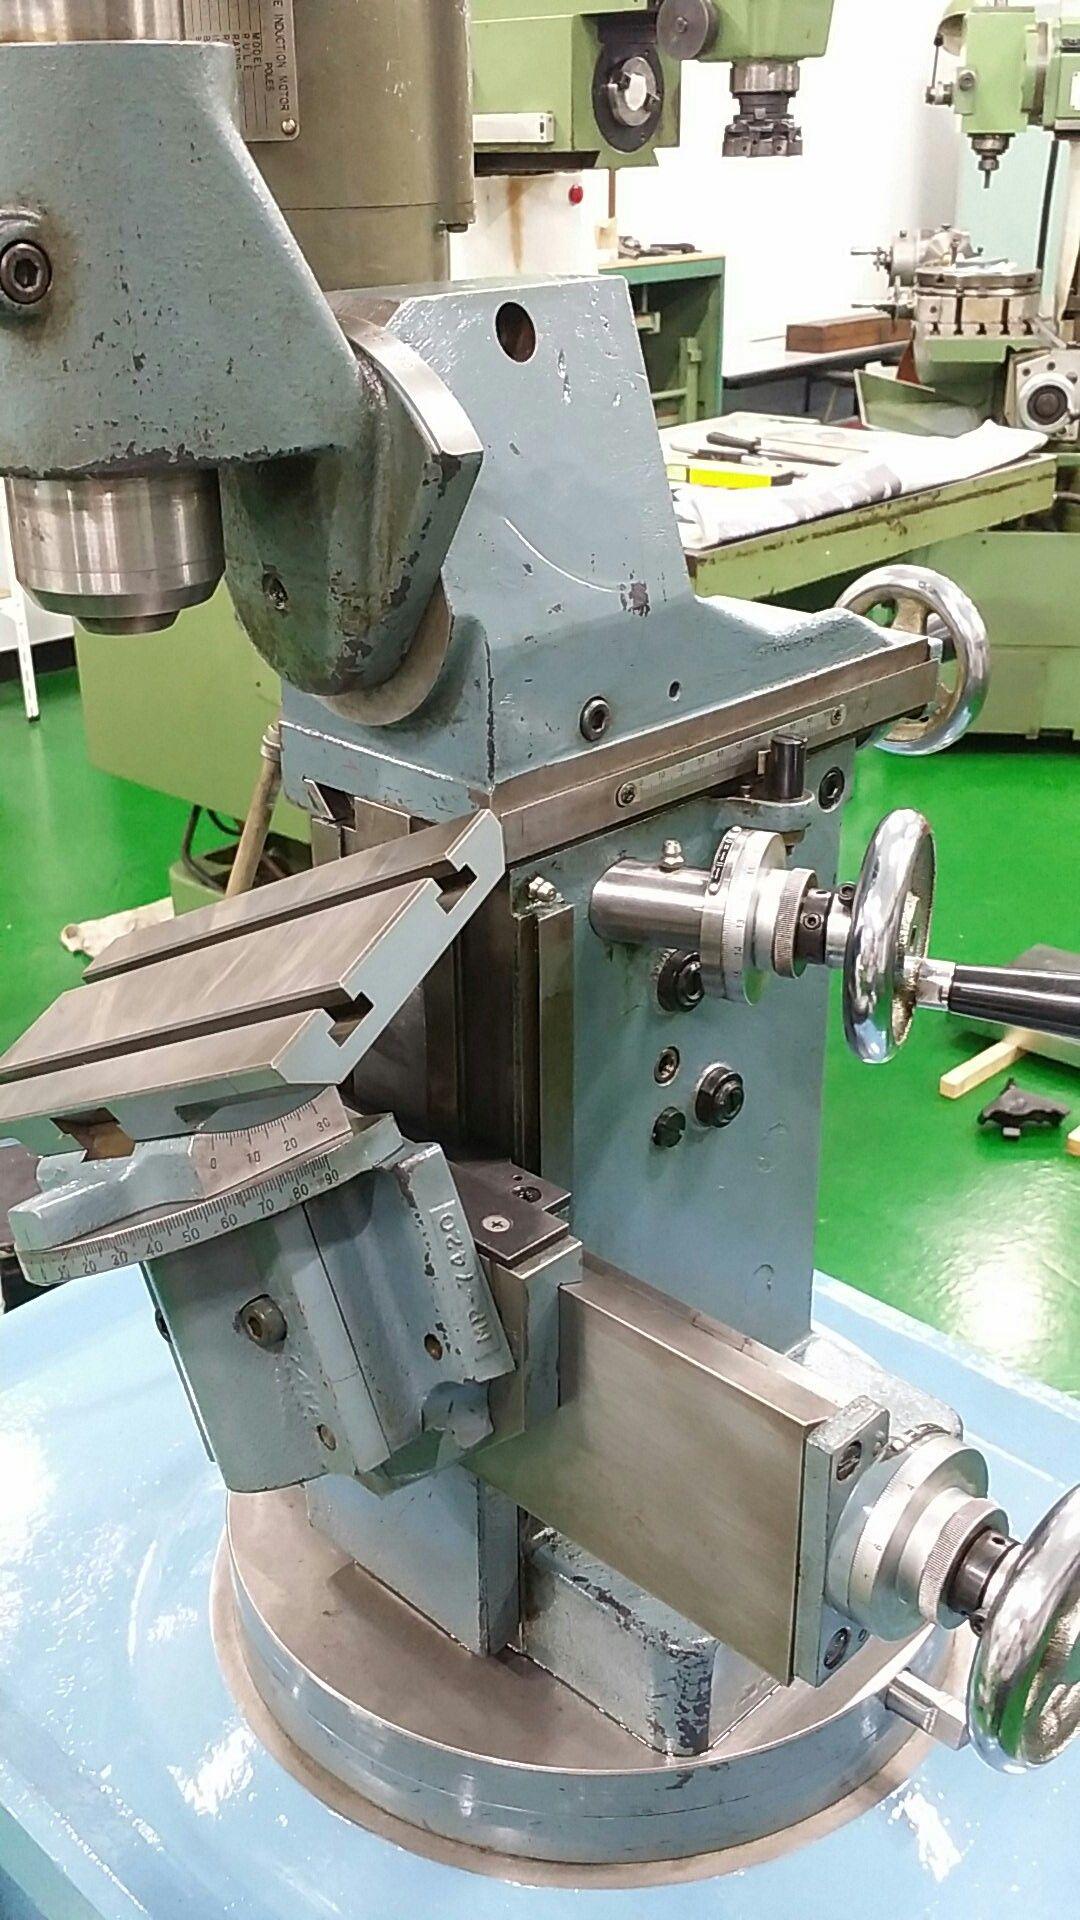 Pin de patricio alberto santana rivera en bricolaje y manualidades machinist tools metal shop - Manualidades y bricolaje ...